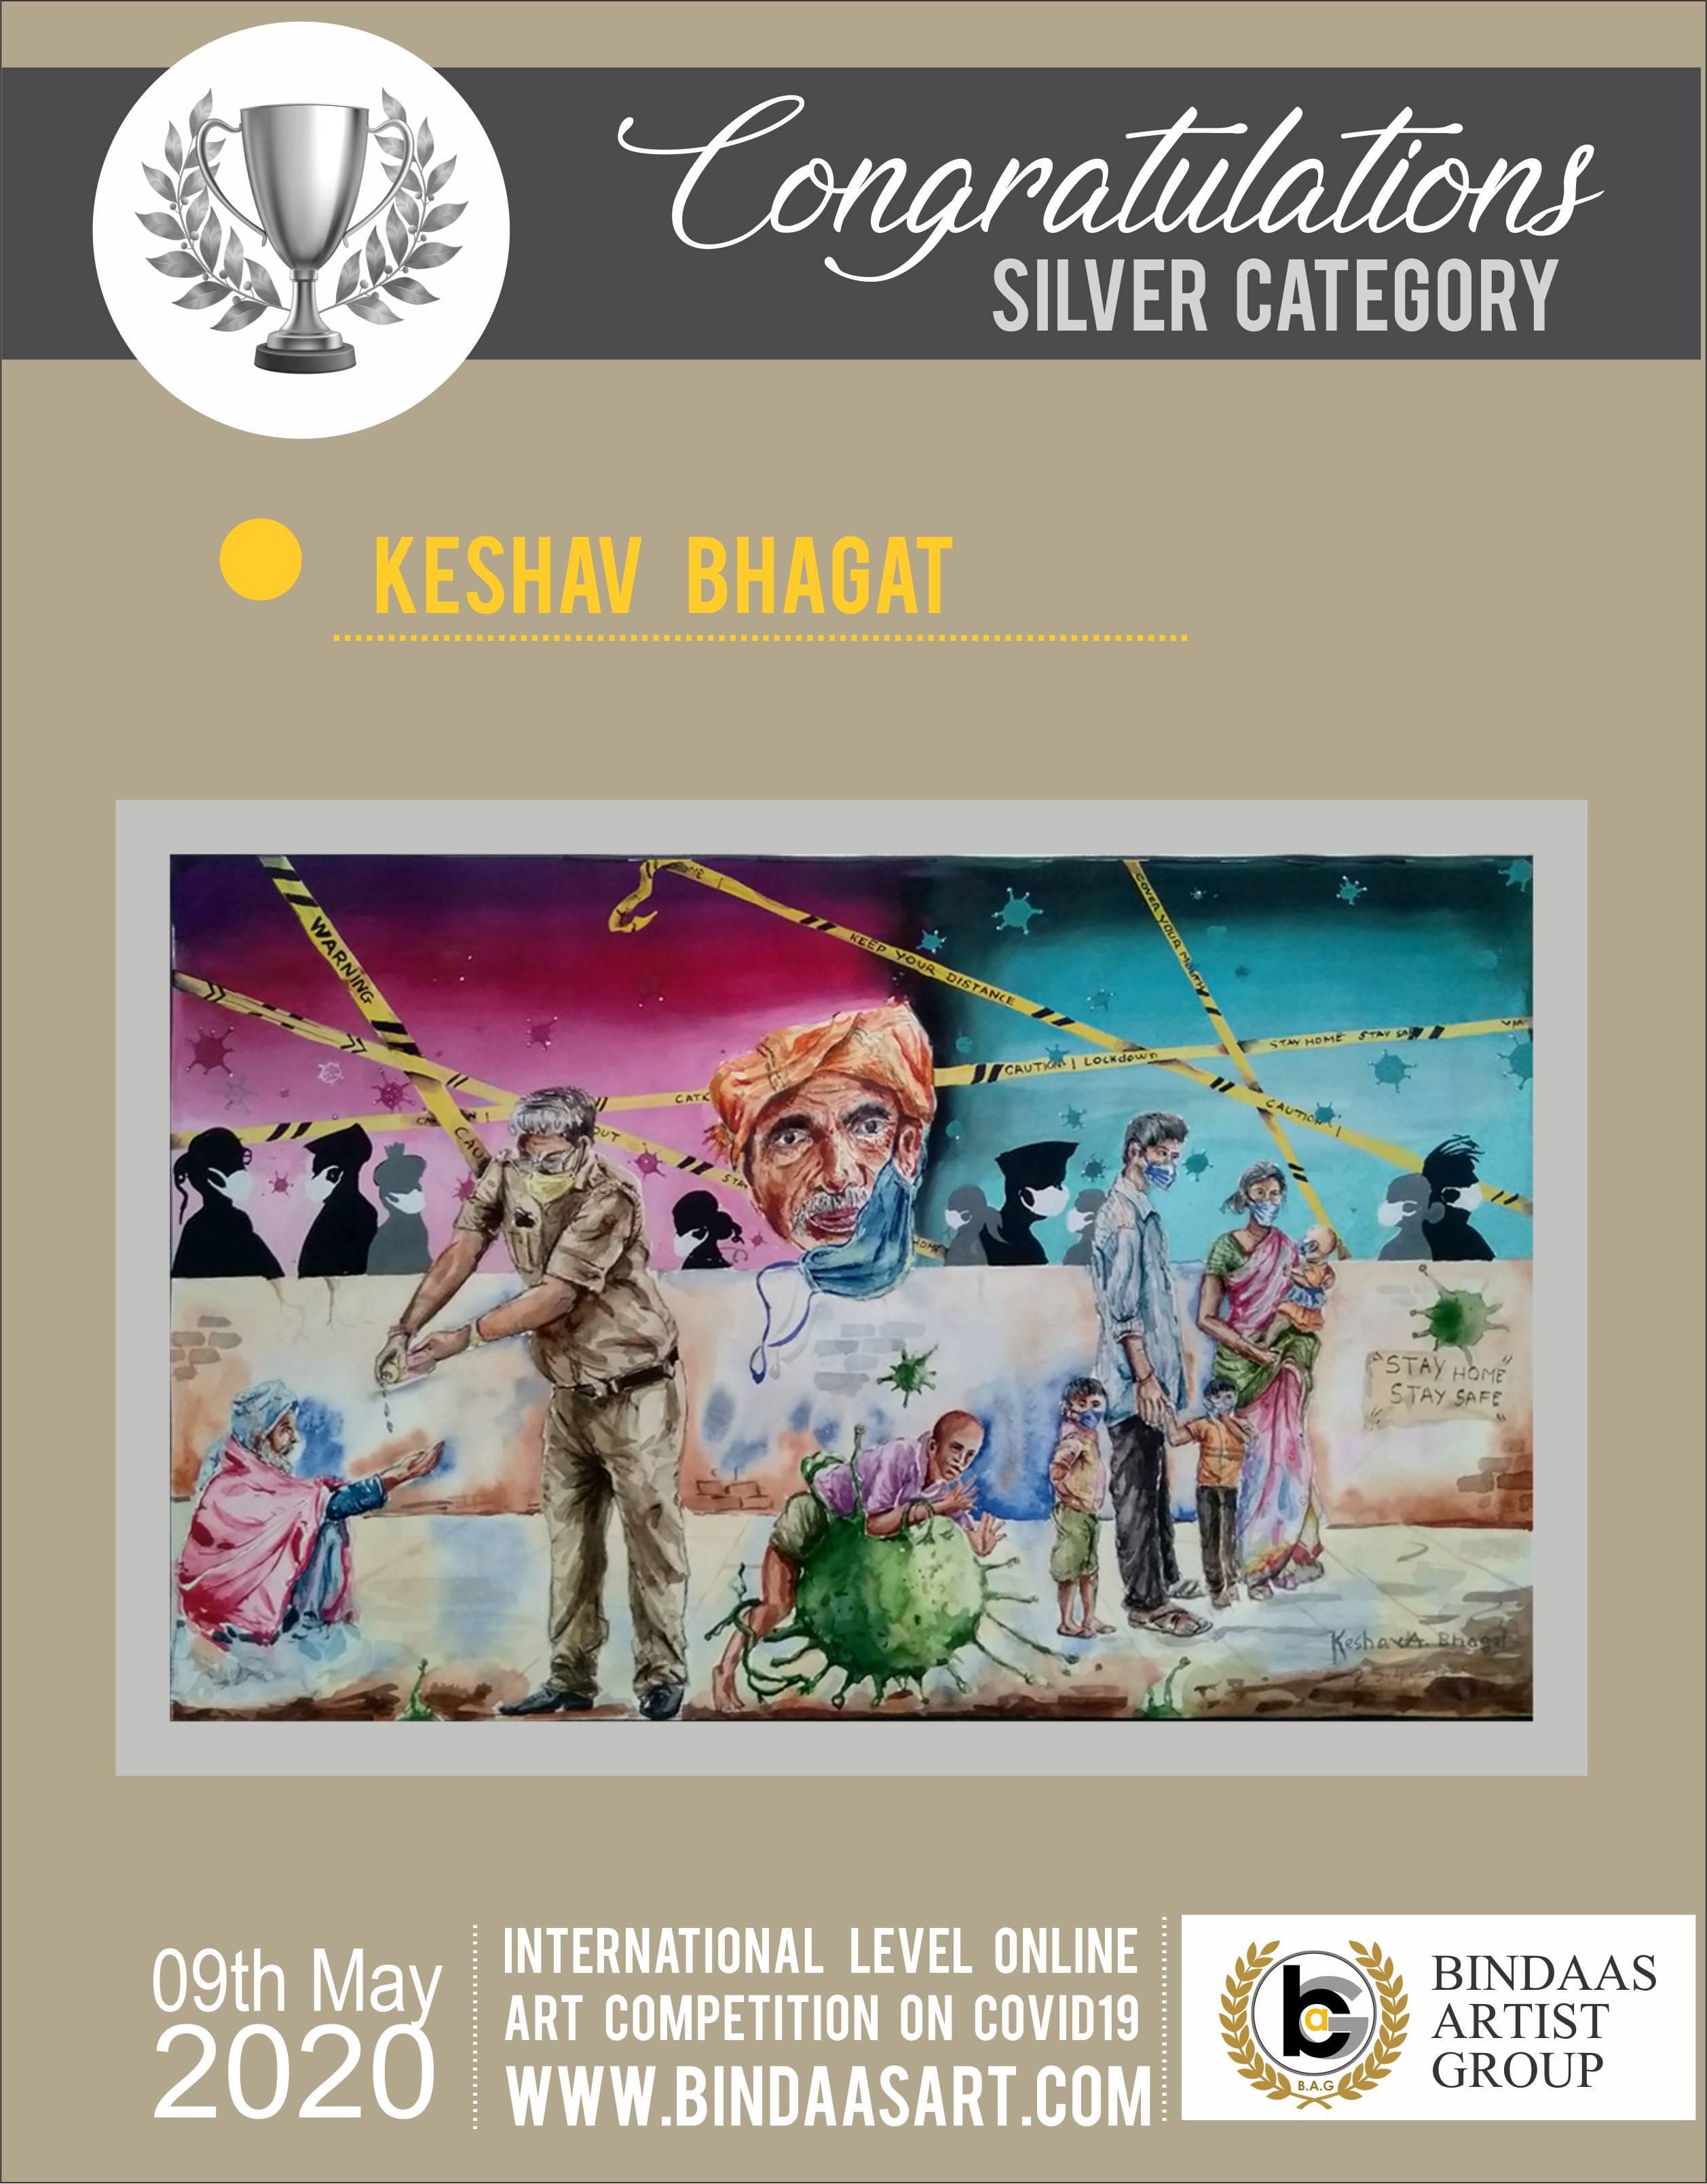 Keshav Bhagat